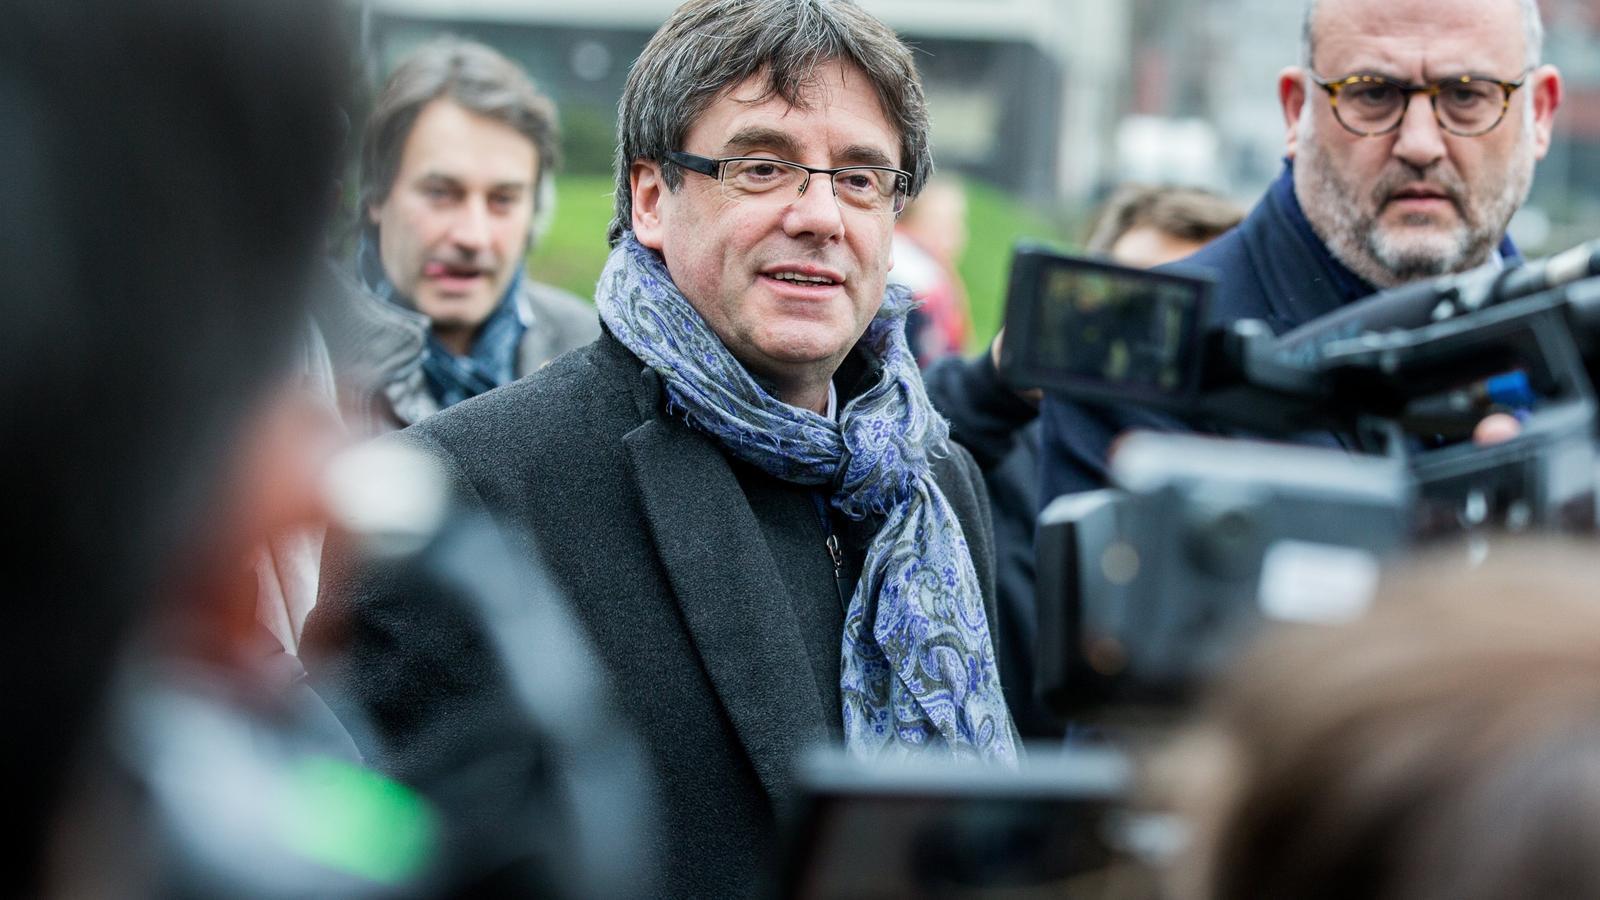 El president durant una roda de premsa a Brussel·les, fa dues setmanes